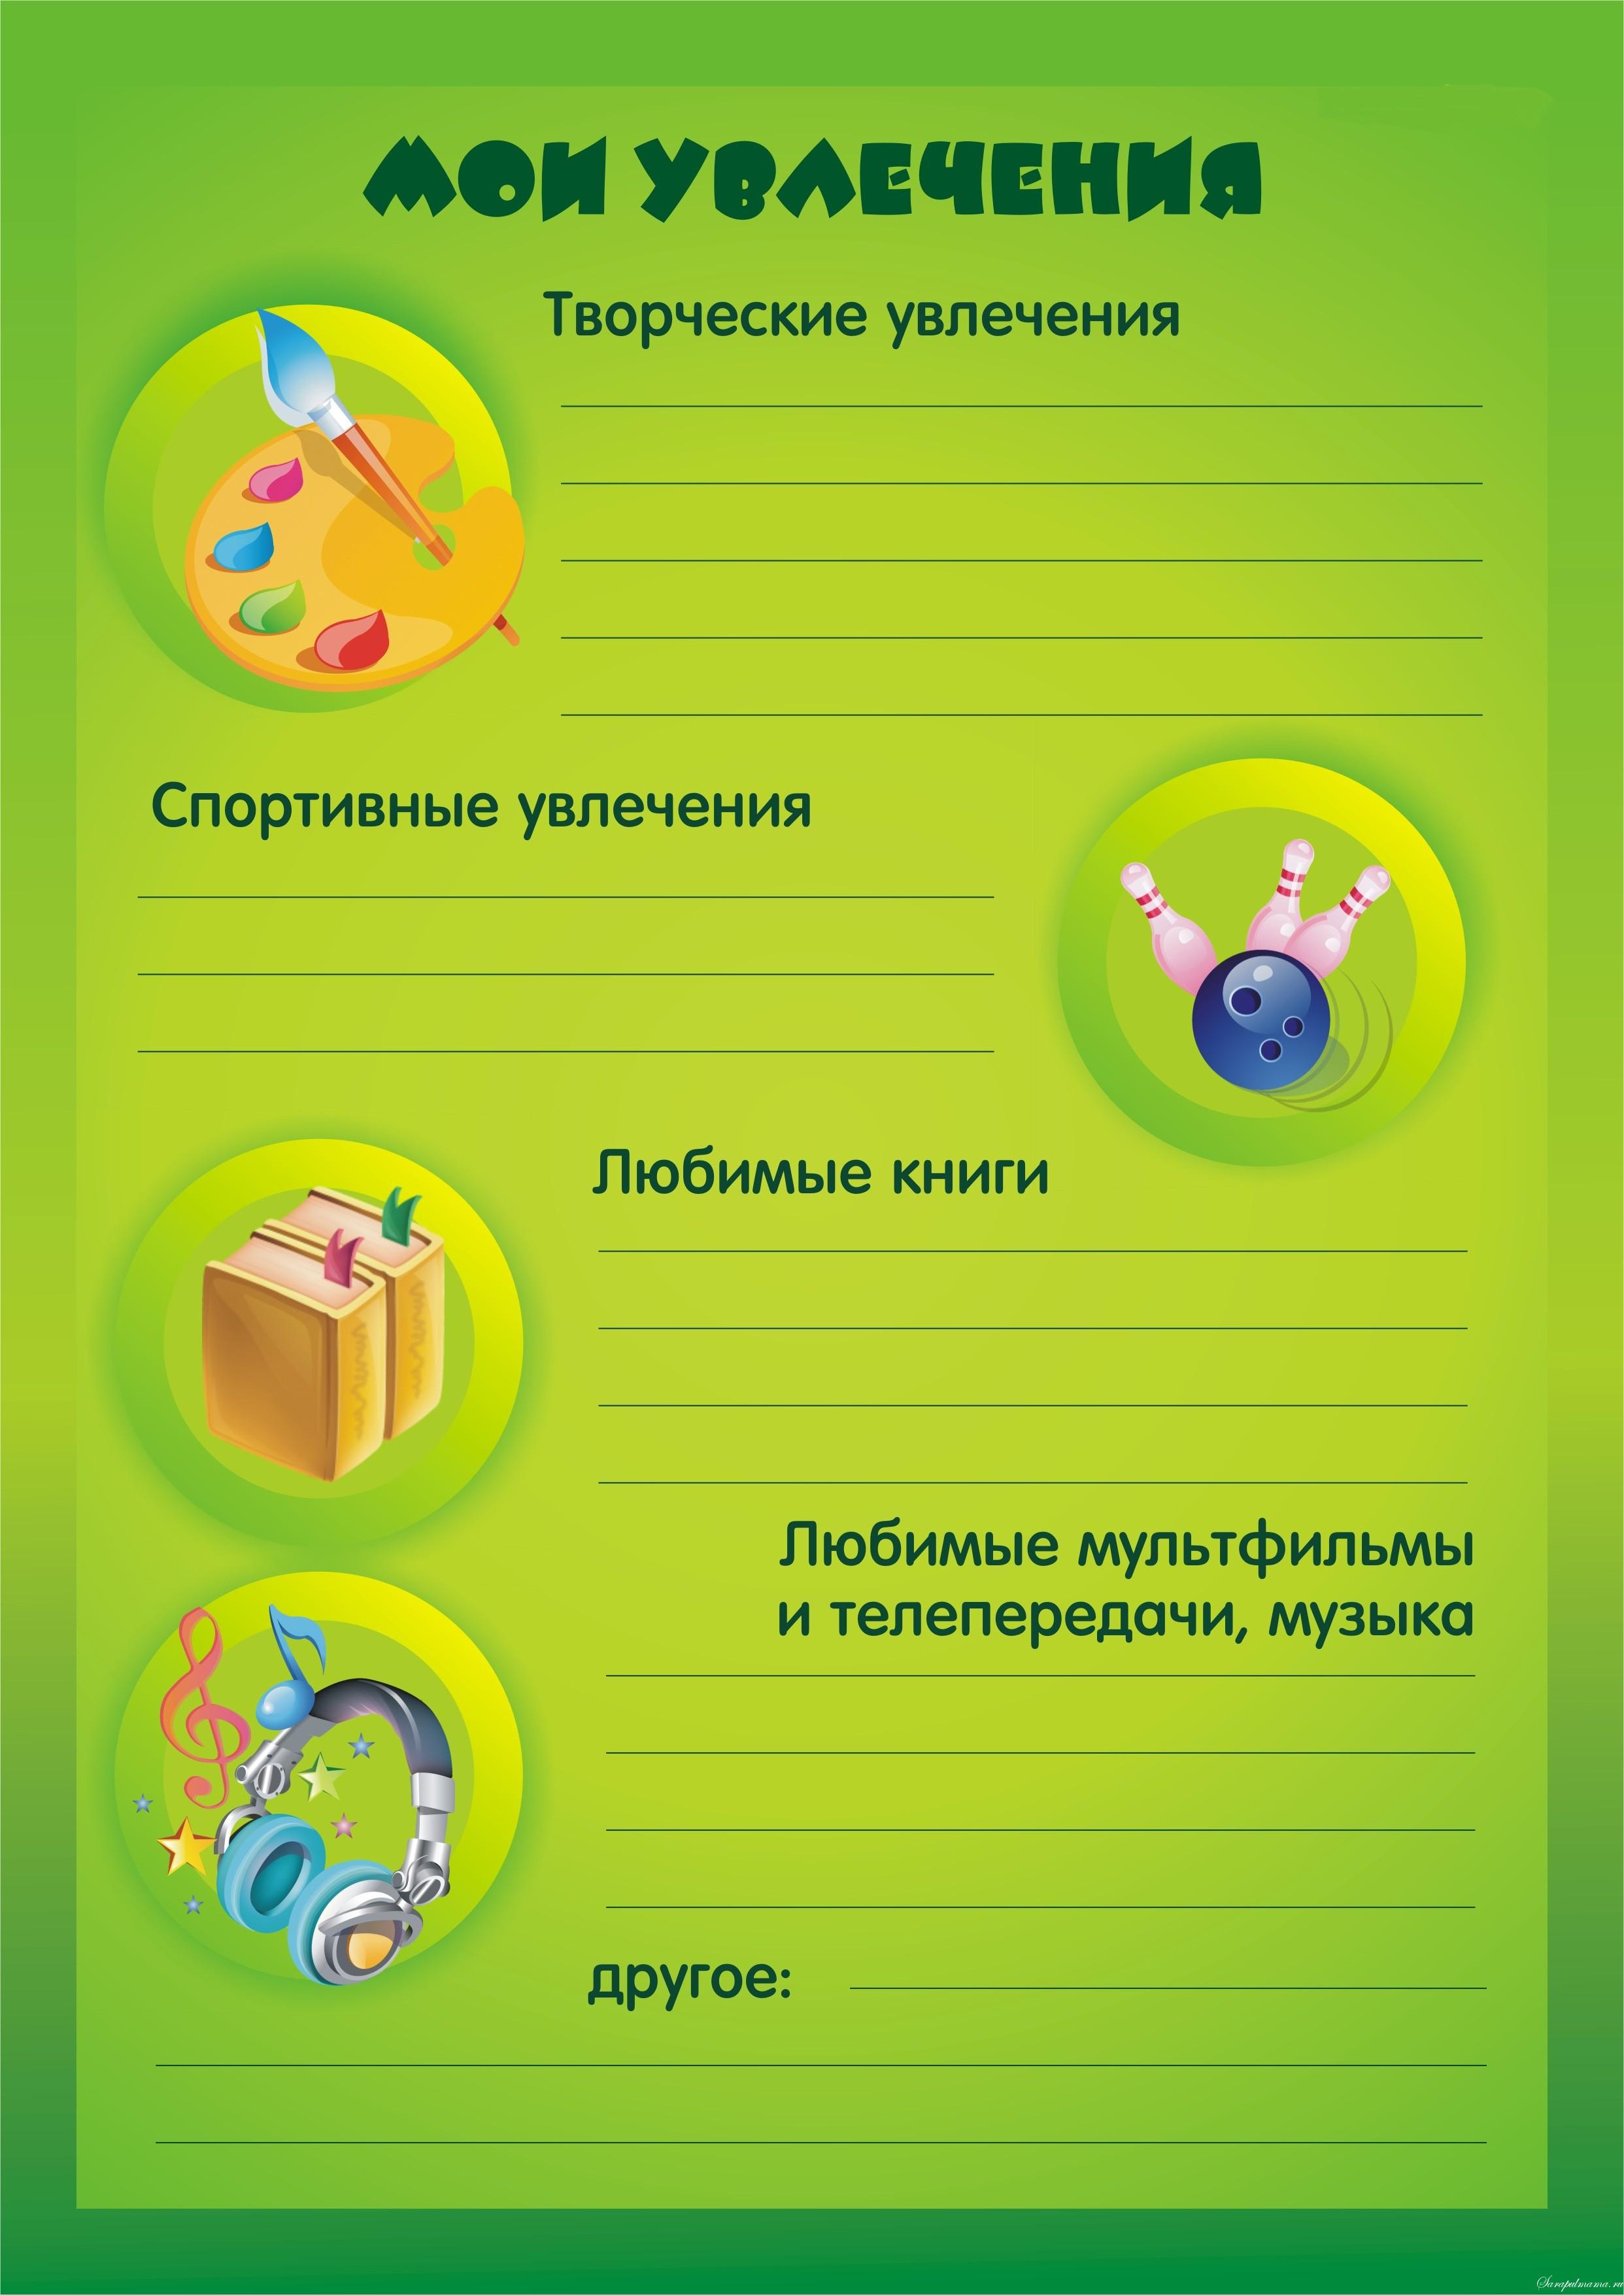 Как сделать портфолио ребенку в детский сад